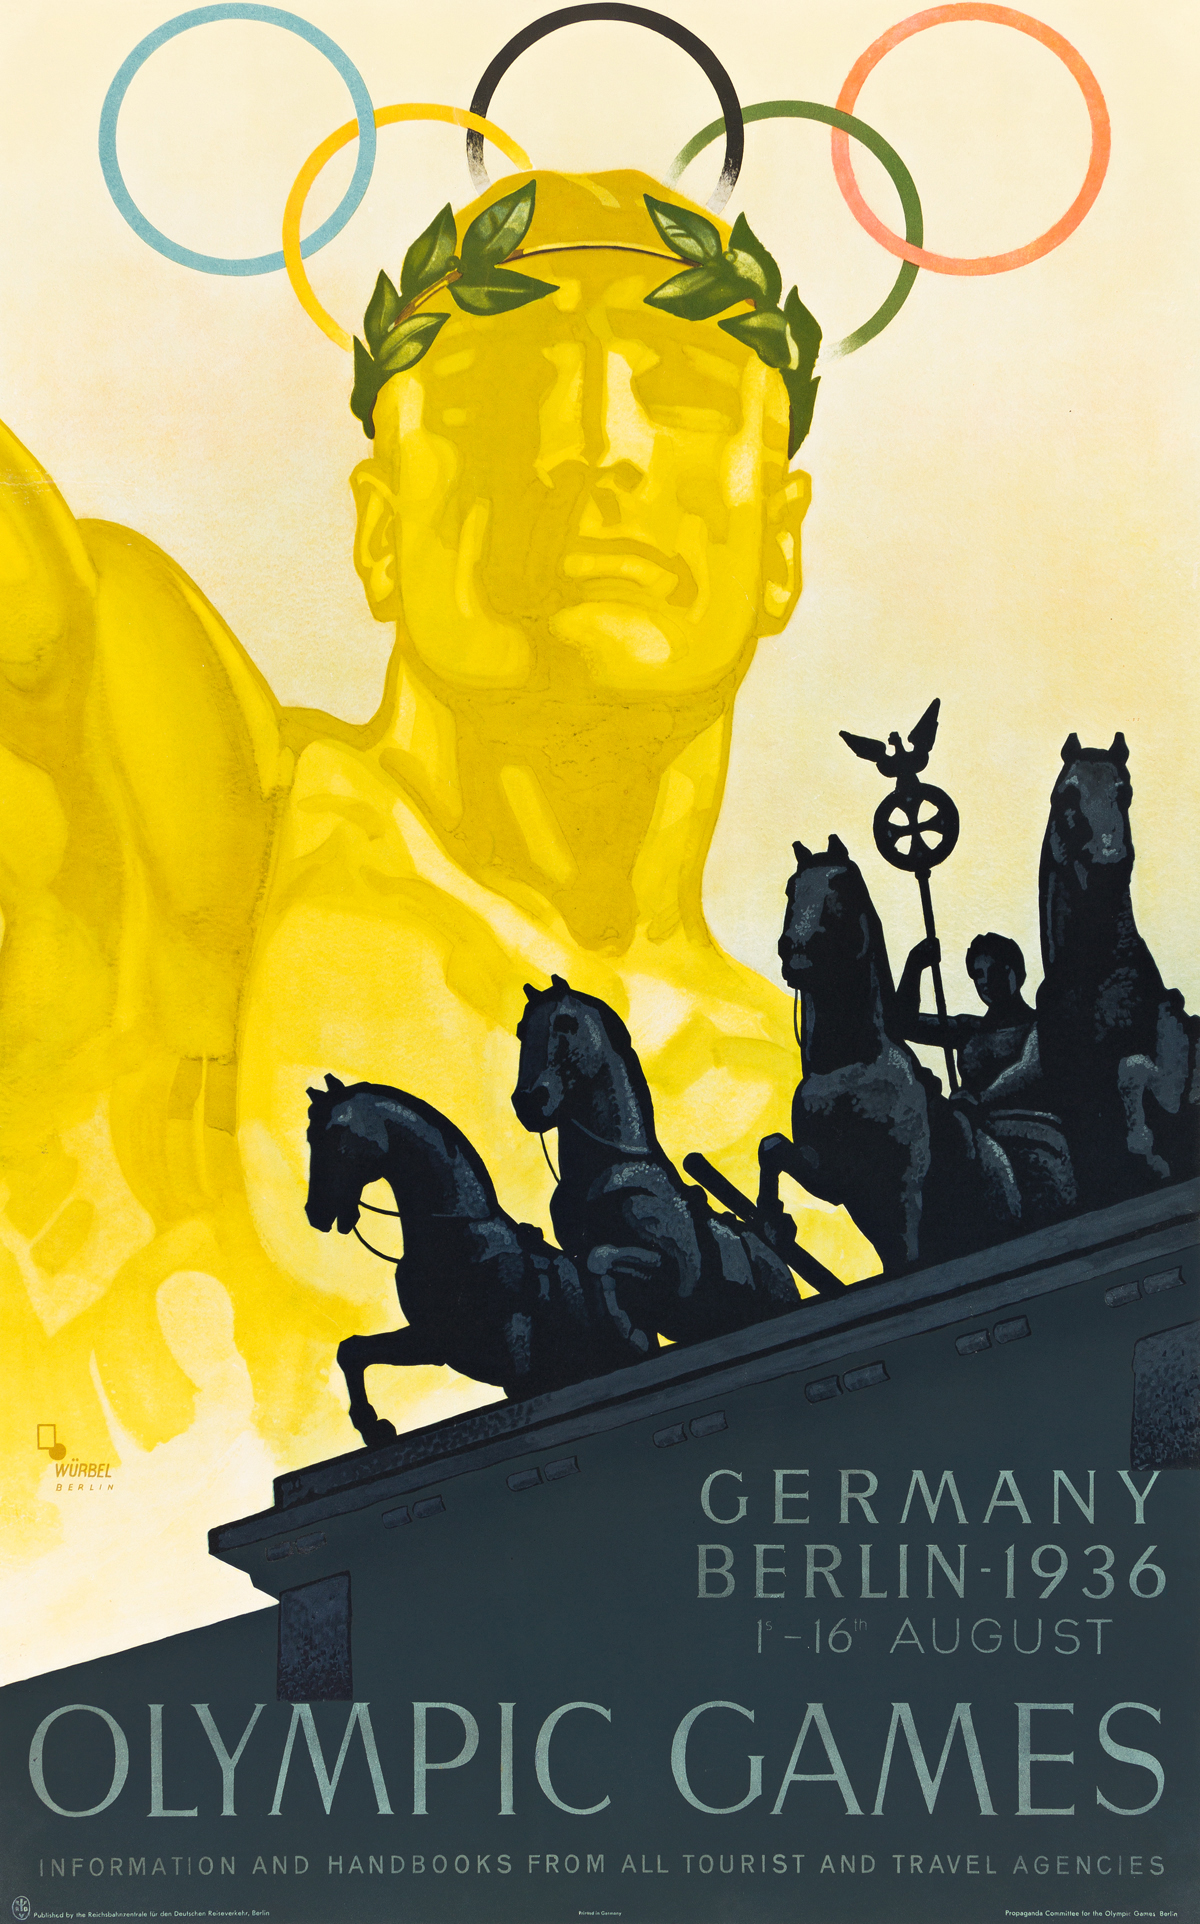 FRANZ WÜRBEL (1896-?).  OLYMPIC GAMES / BERLIN. 1936. 39¾x24¼ inches, 101x61½ cm. Reichsbahnzentrale fur den Deutschen Reiseverkehr, Be